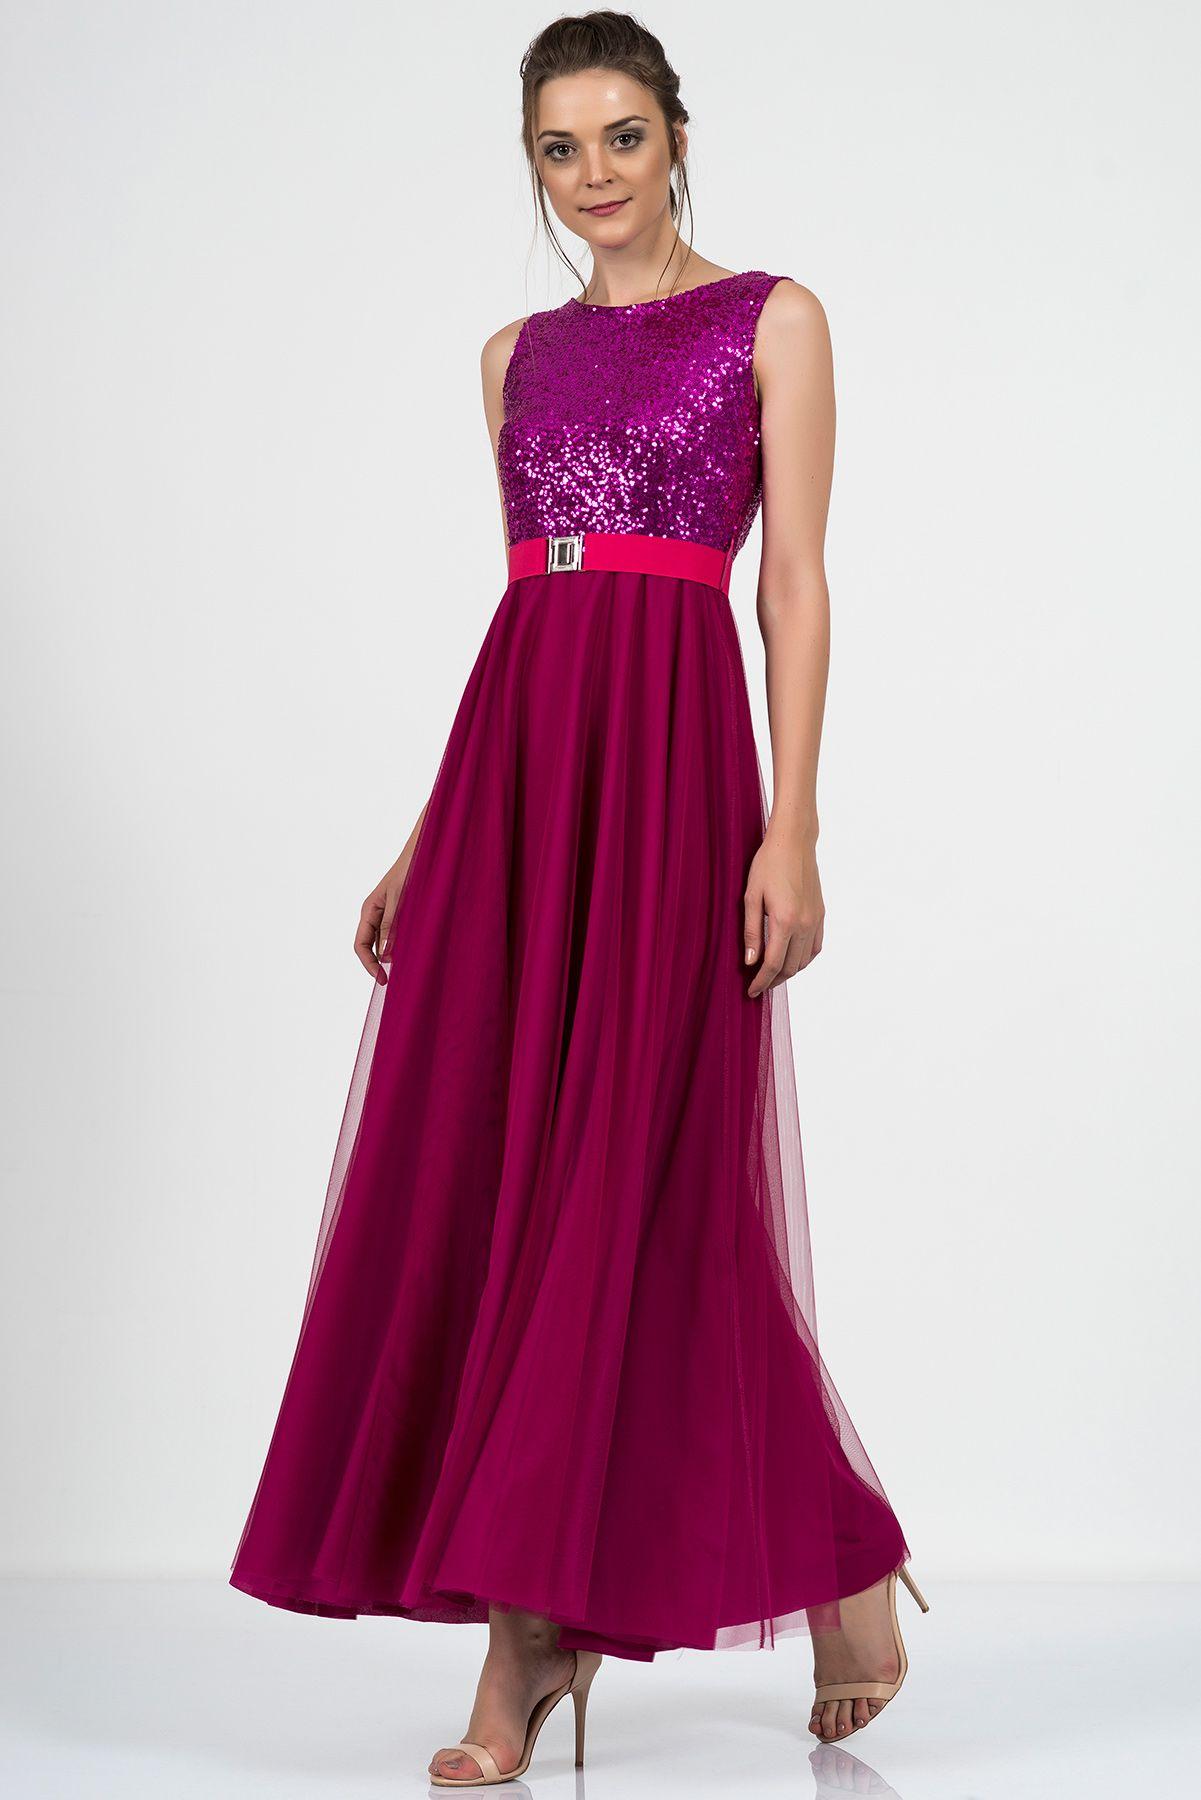 Uzun kollu abiye elbise modelleri 11 pictures - Yeni Uzun Abiye Elbise Modelleri